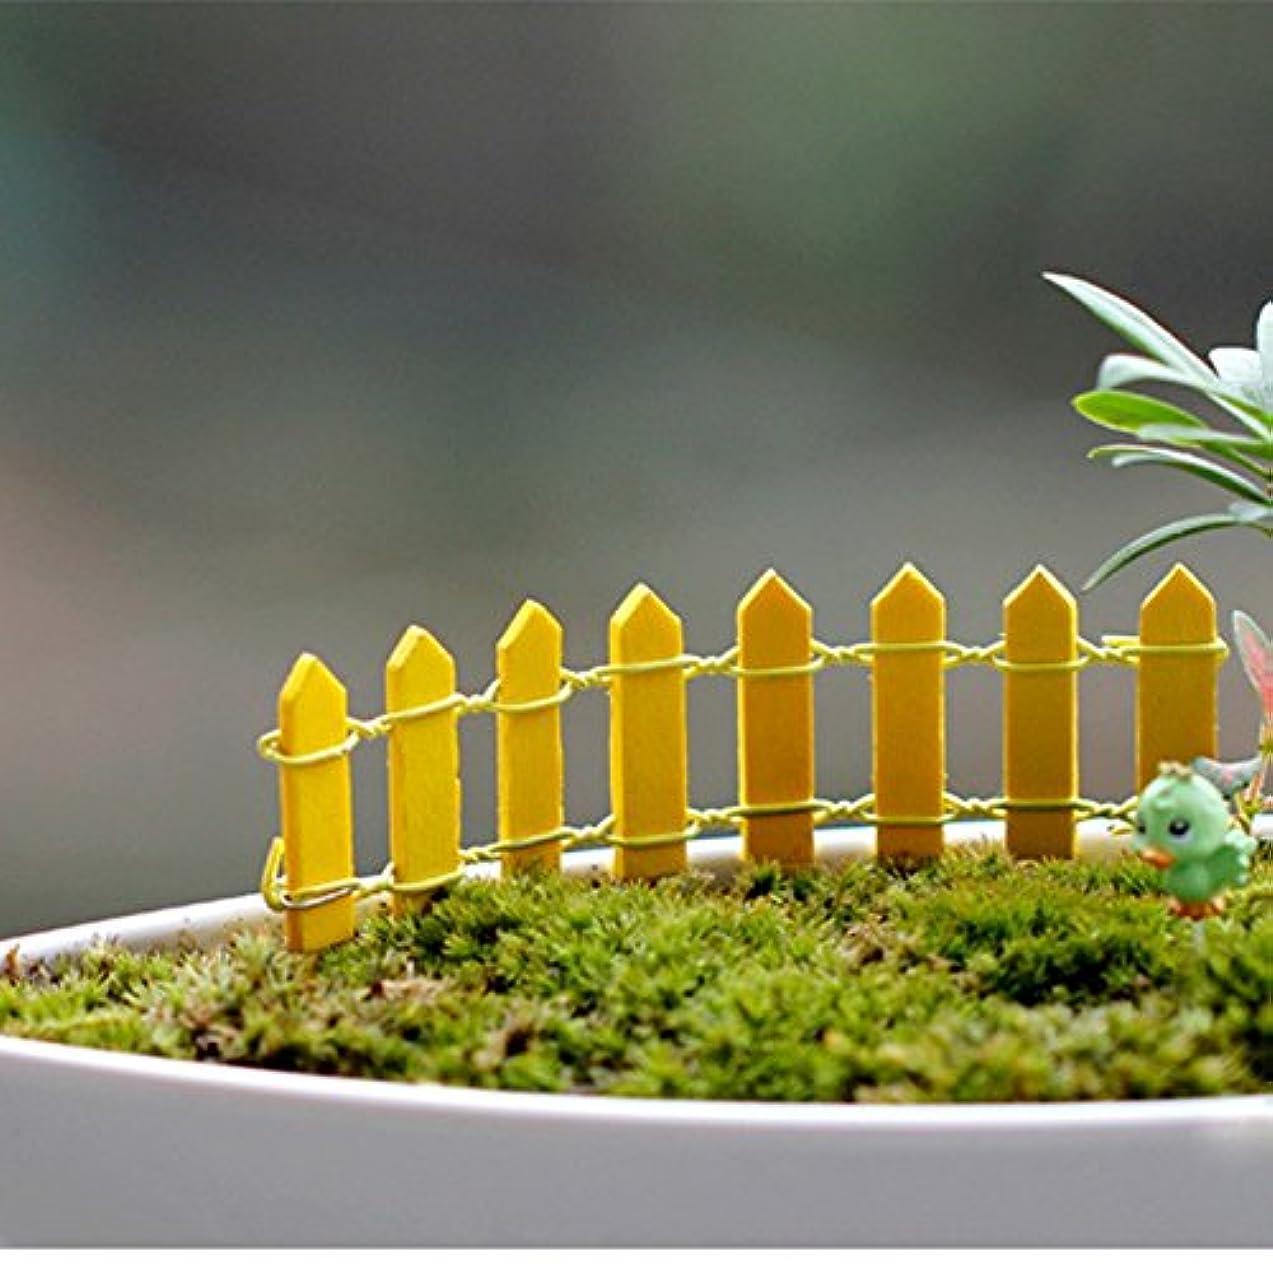 食事禁止服Jicorzo - 20個DIY木製の小さなフェンスモステラリウム植木鉢工芸ミニおもちゃフェアリーガーデンミニチュア[イエロー]